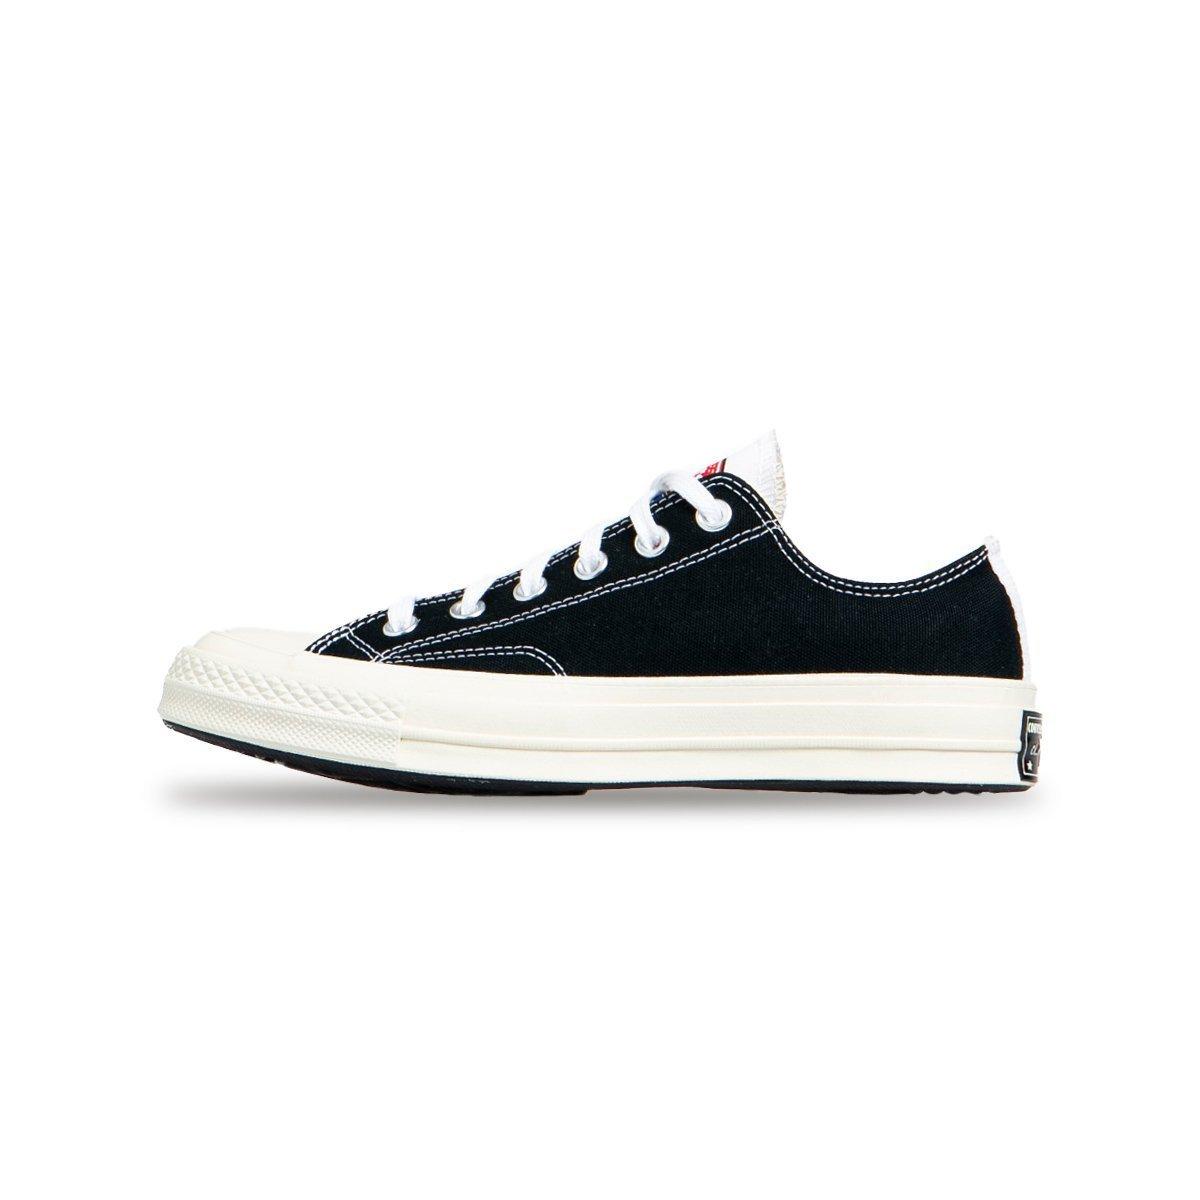 Sneakers buty damskie Converse Chuck 70 OX czarne (166749C)